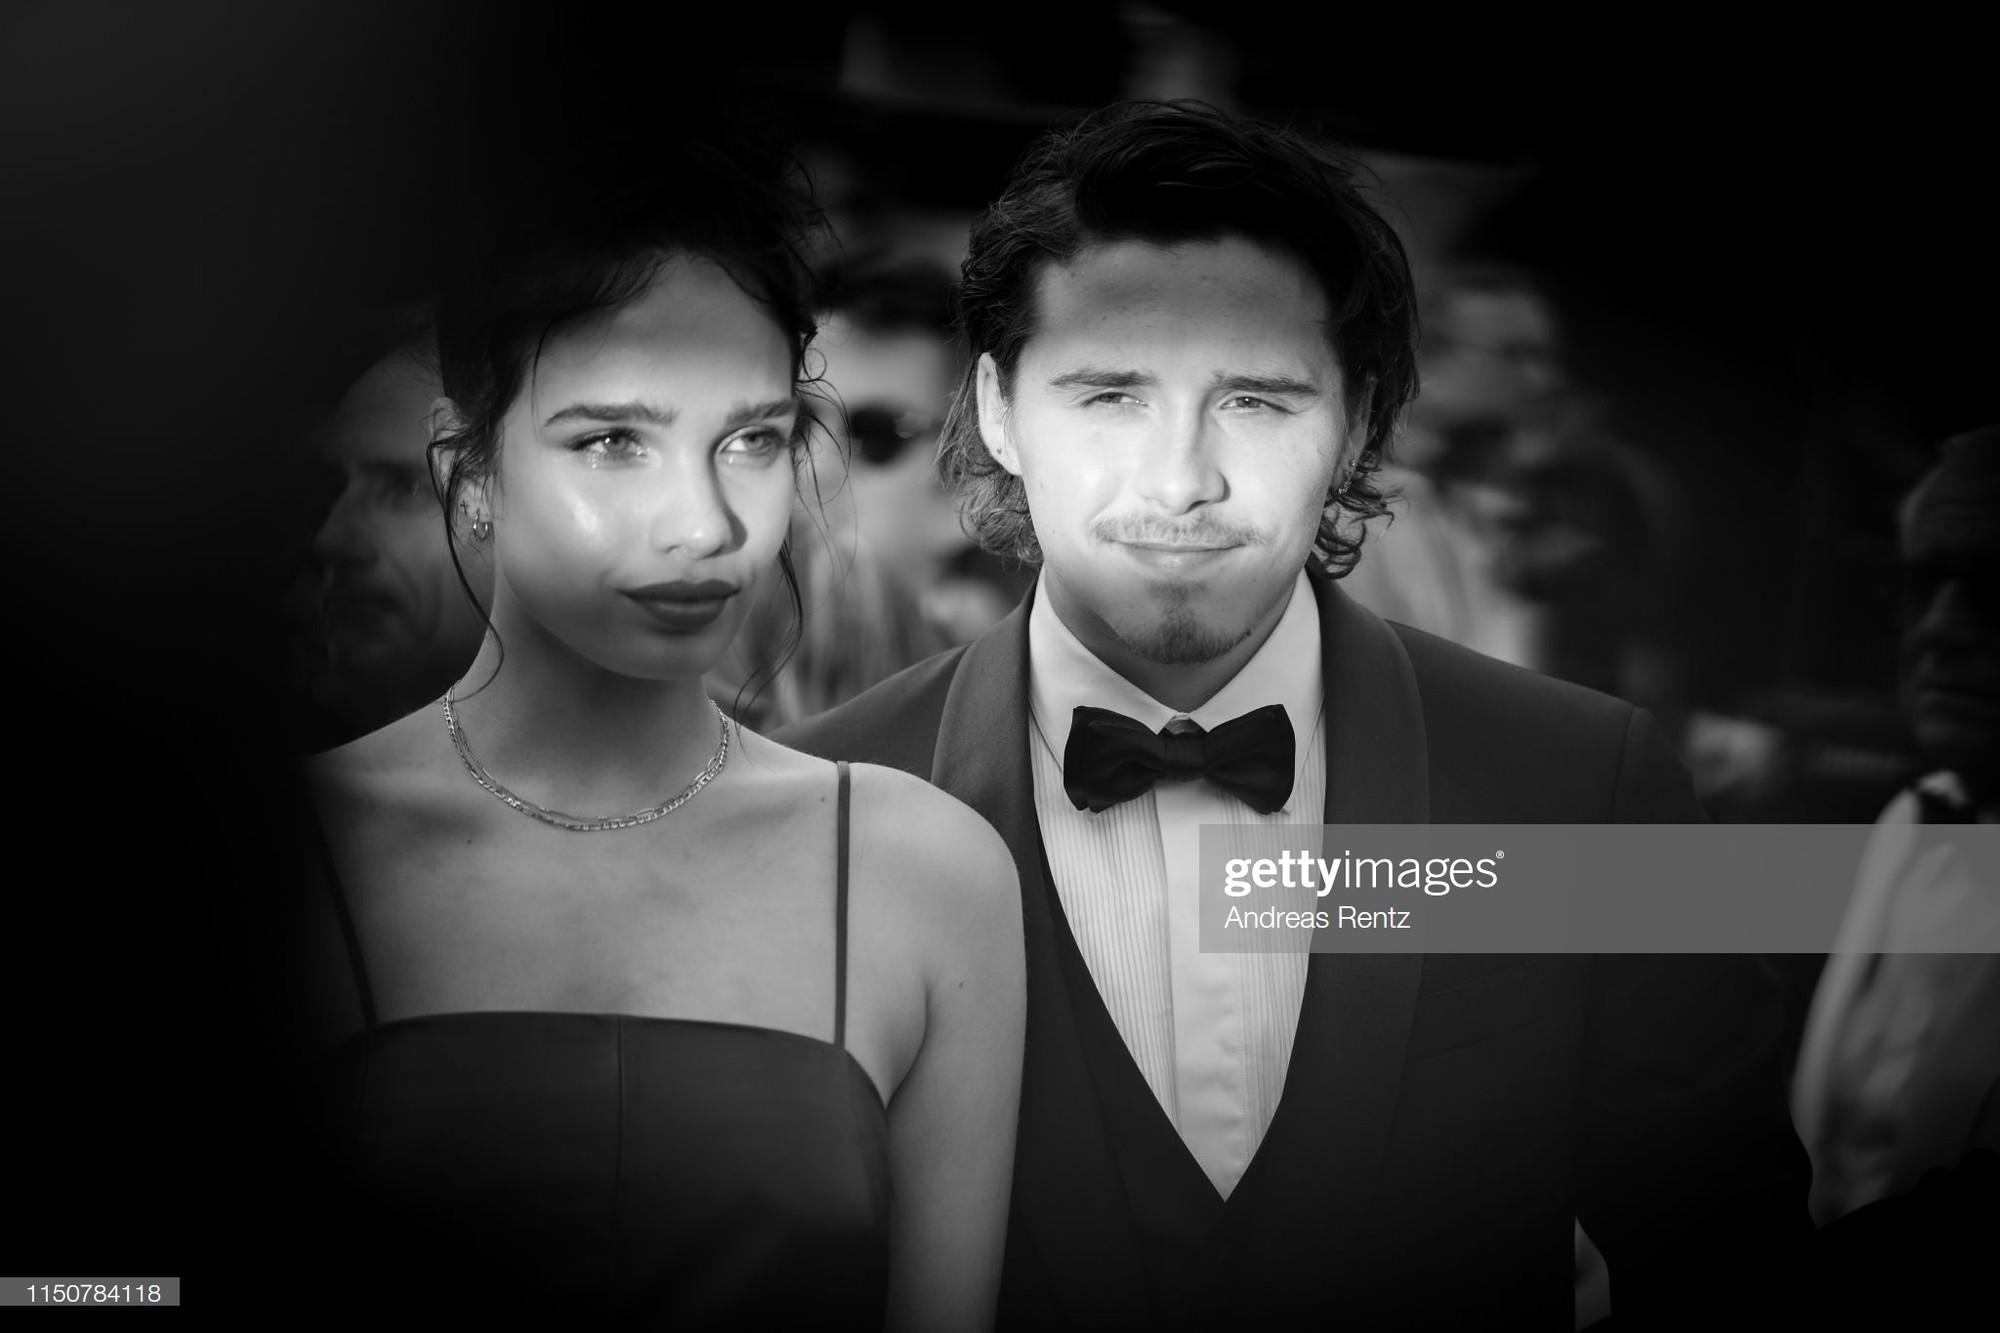 Top khoảnh khắc đắt giá nhất Cannes 2019: Dàn mỹ nhân 9X bất ngờ chiếm đa số, Selena và cặp đôi Brooklyn ấn tượng mạnh - Ảnh 4.